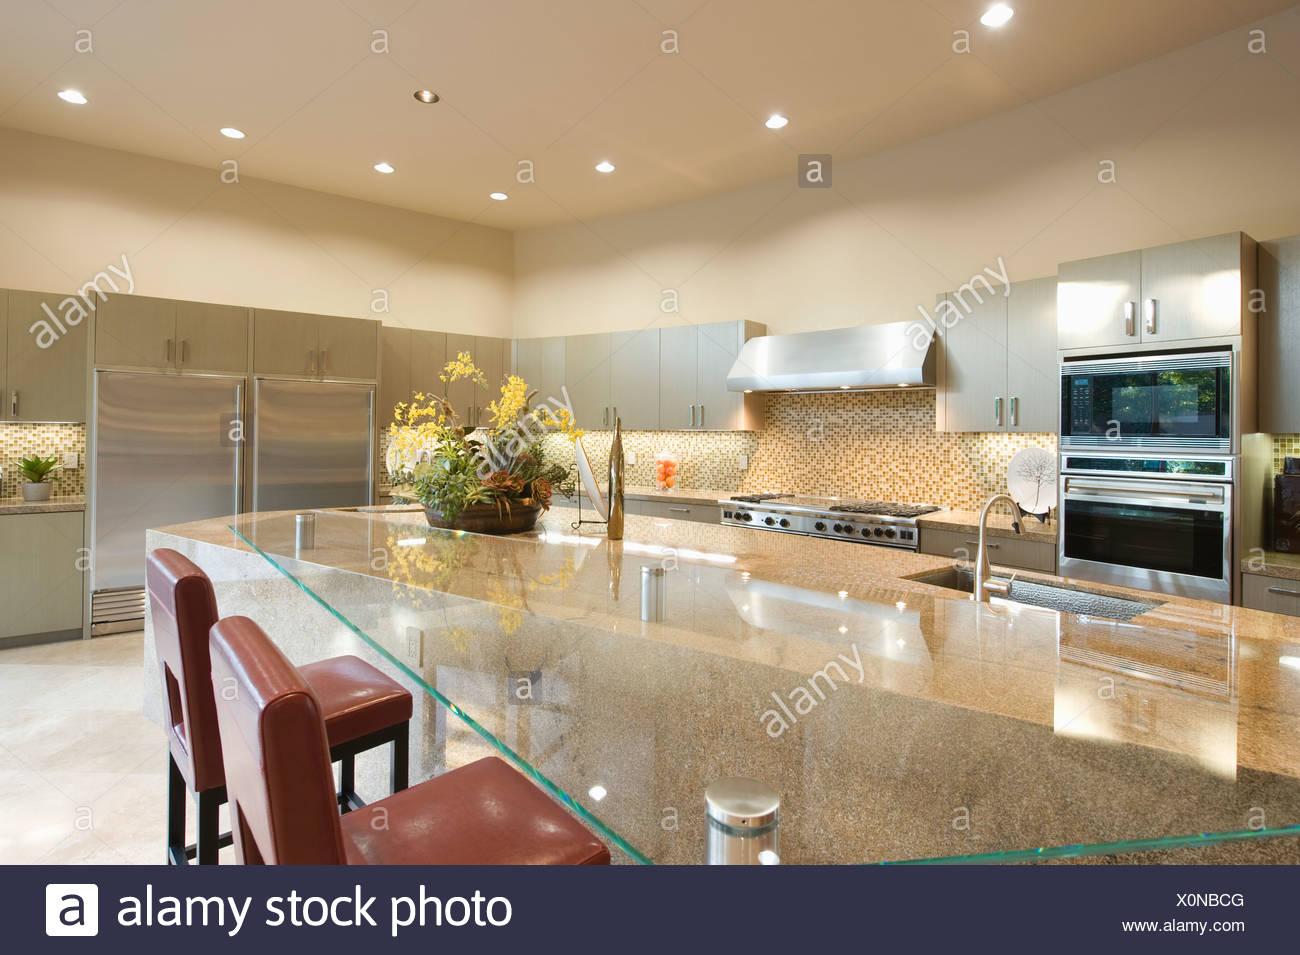 Breakfast Bar Stool Stockfotos & Breakfast Bar Stool Bilder - Alamy